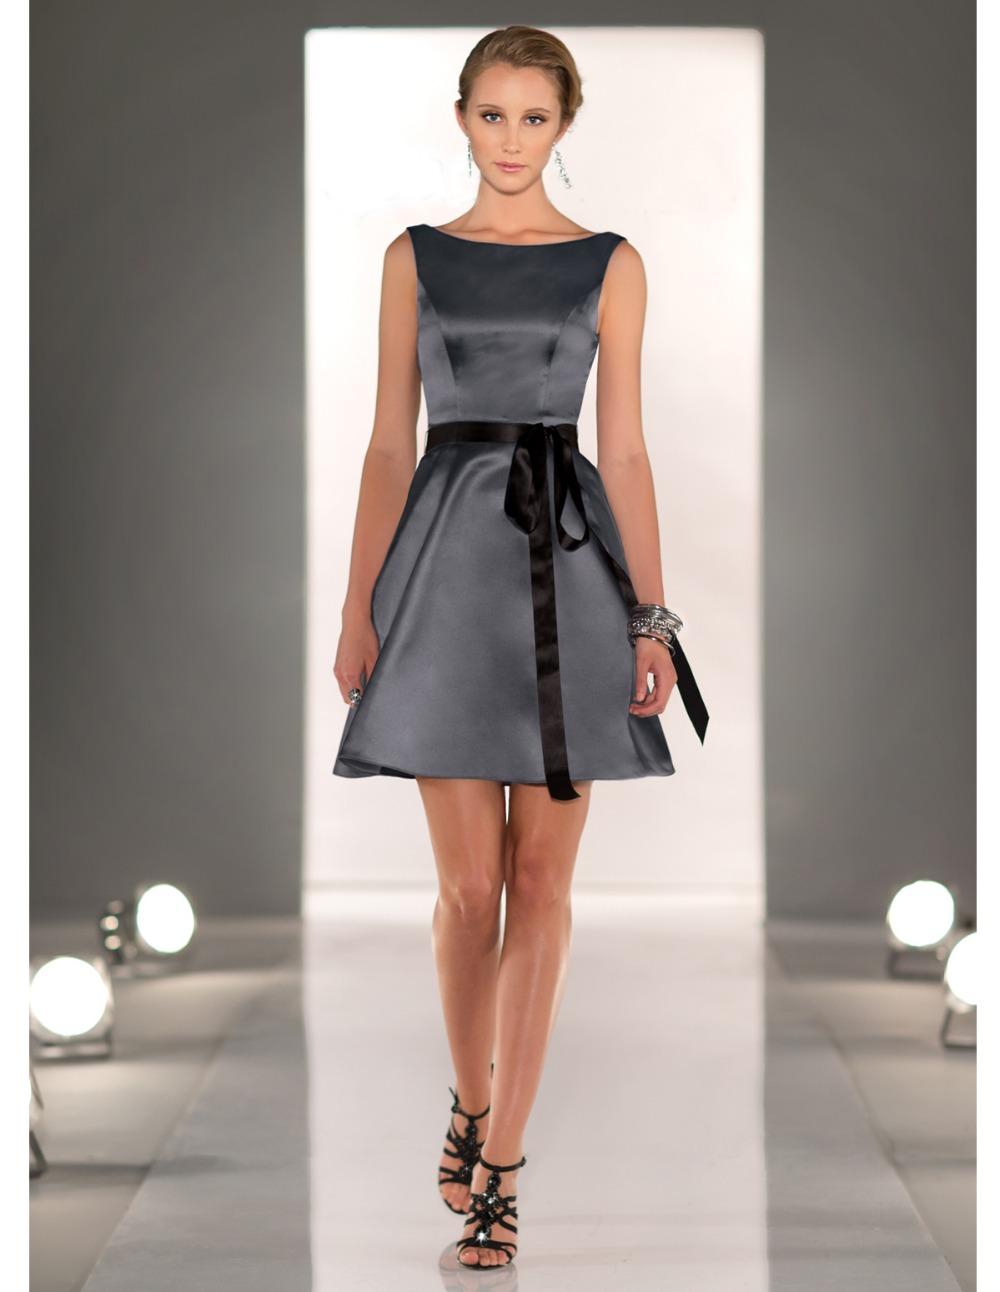 vestidos de fiesta corto elegante 2015 satin gray short. Black Bedroom Furniture Sets. Home Design Ideas